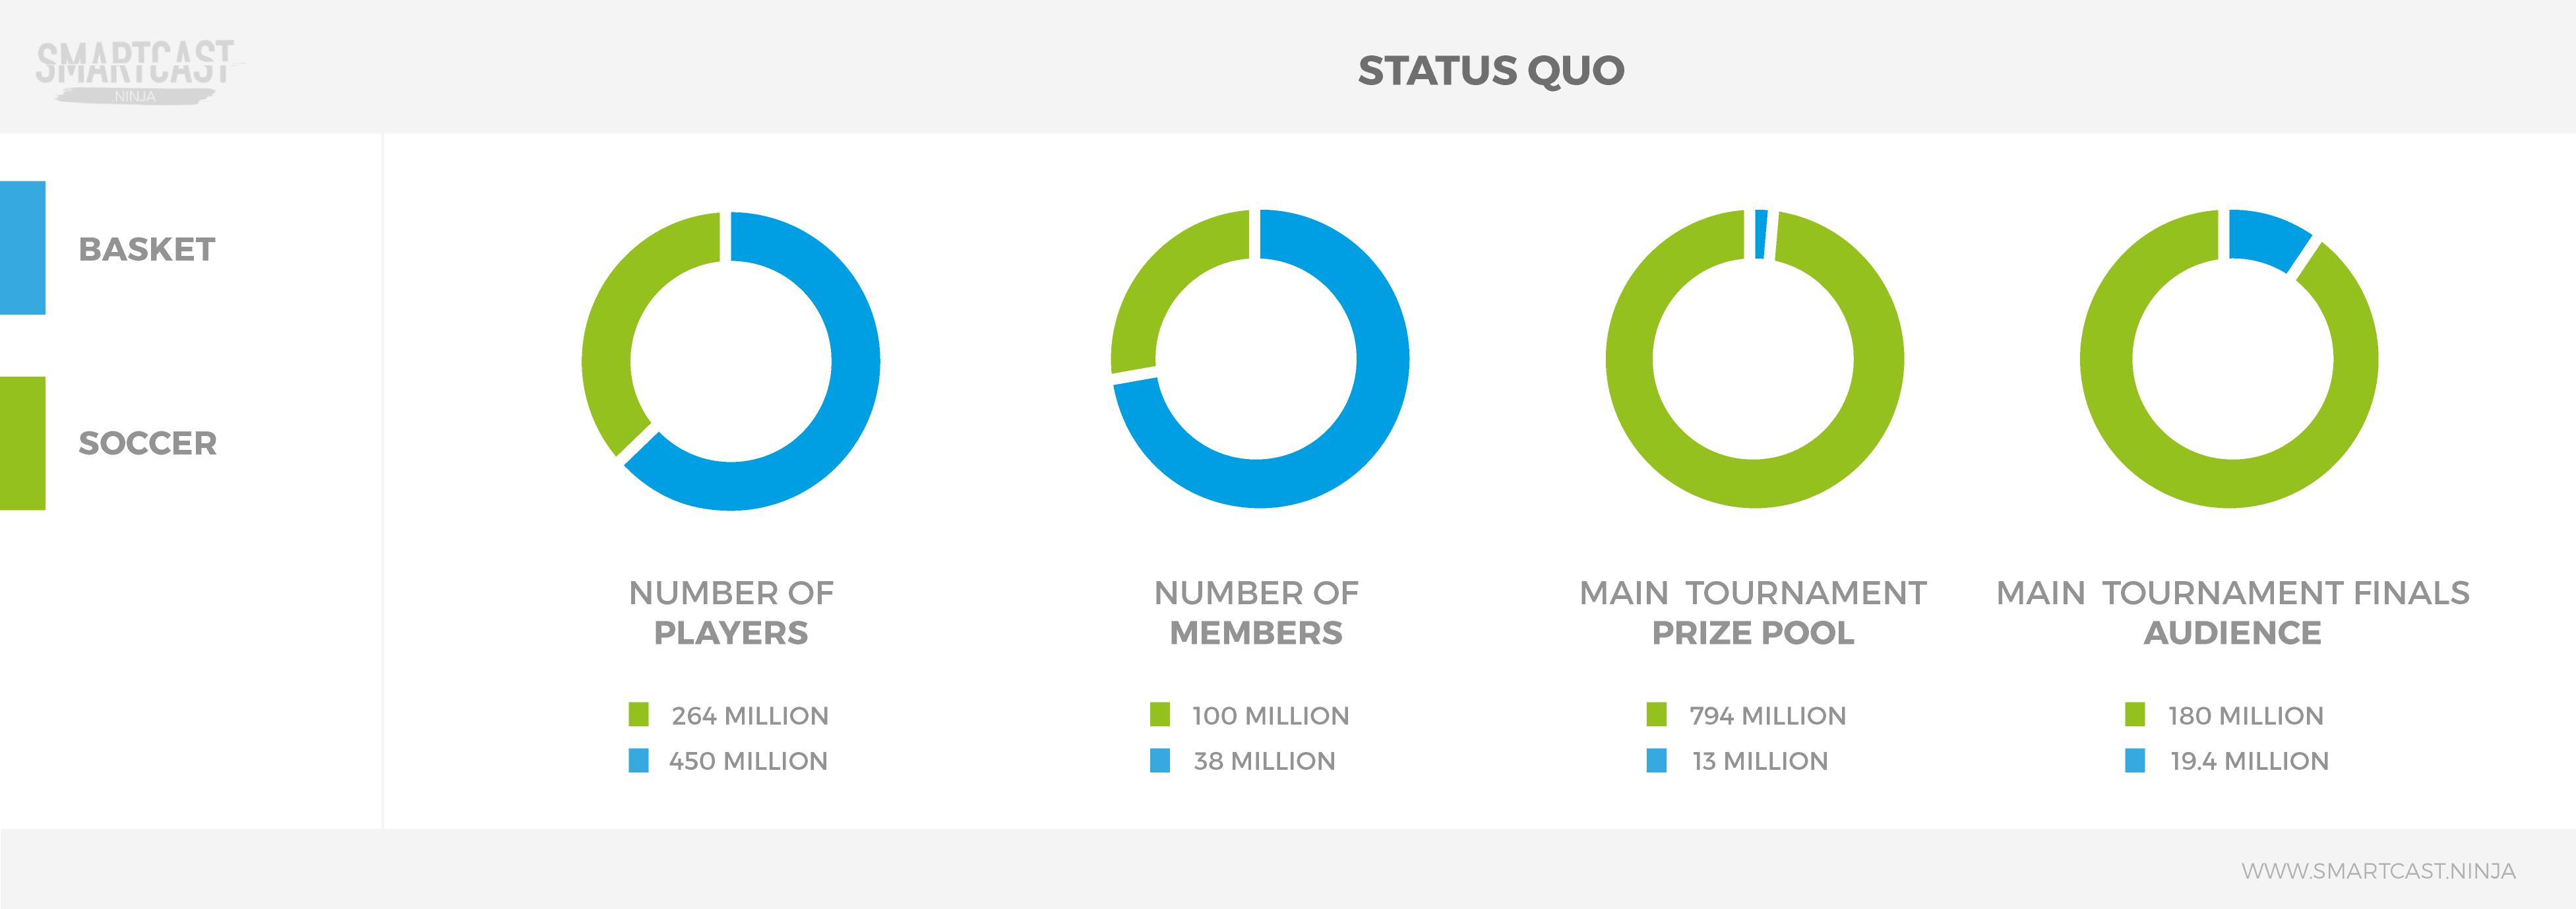 SmartCast-status-quo